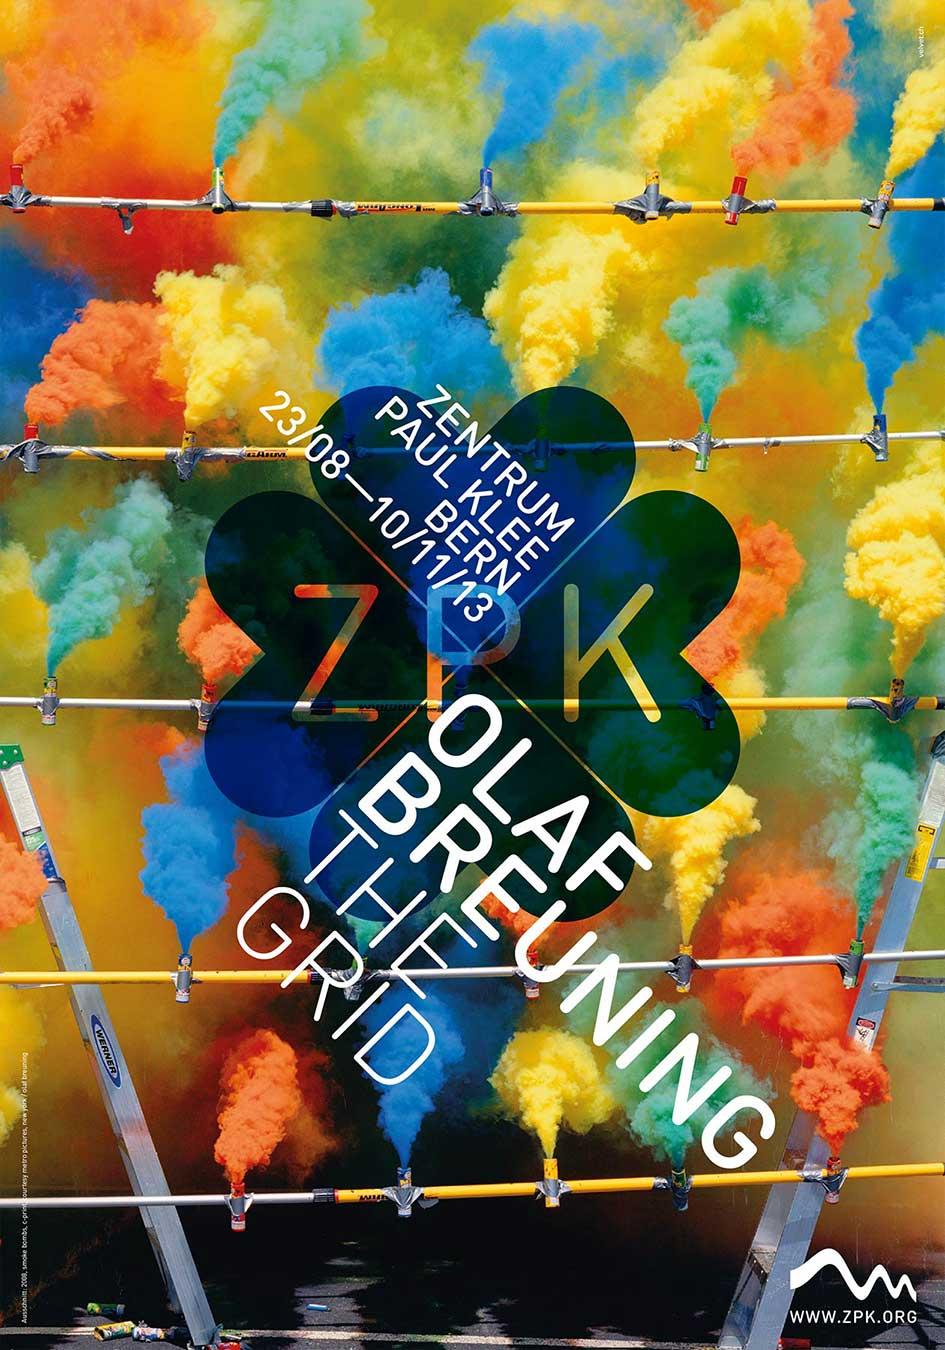 Zentrum Paul Klee Plakat Werbung